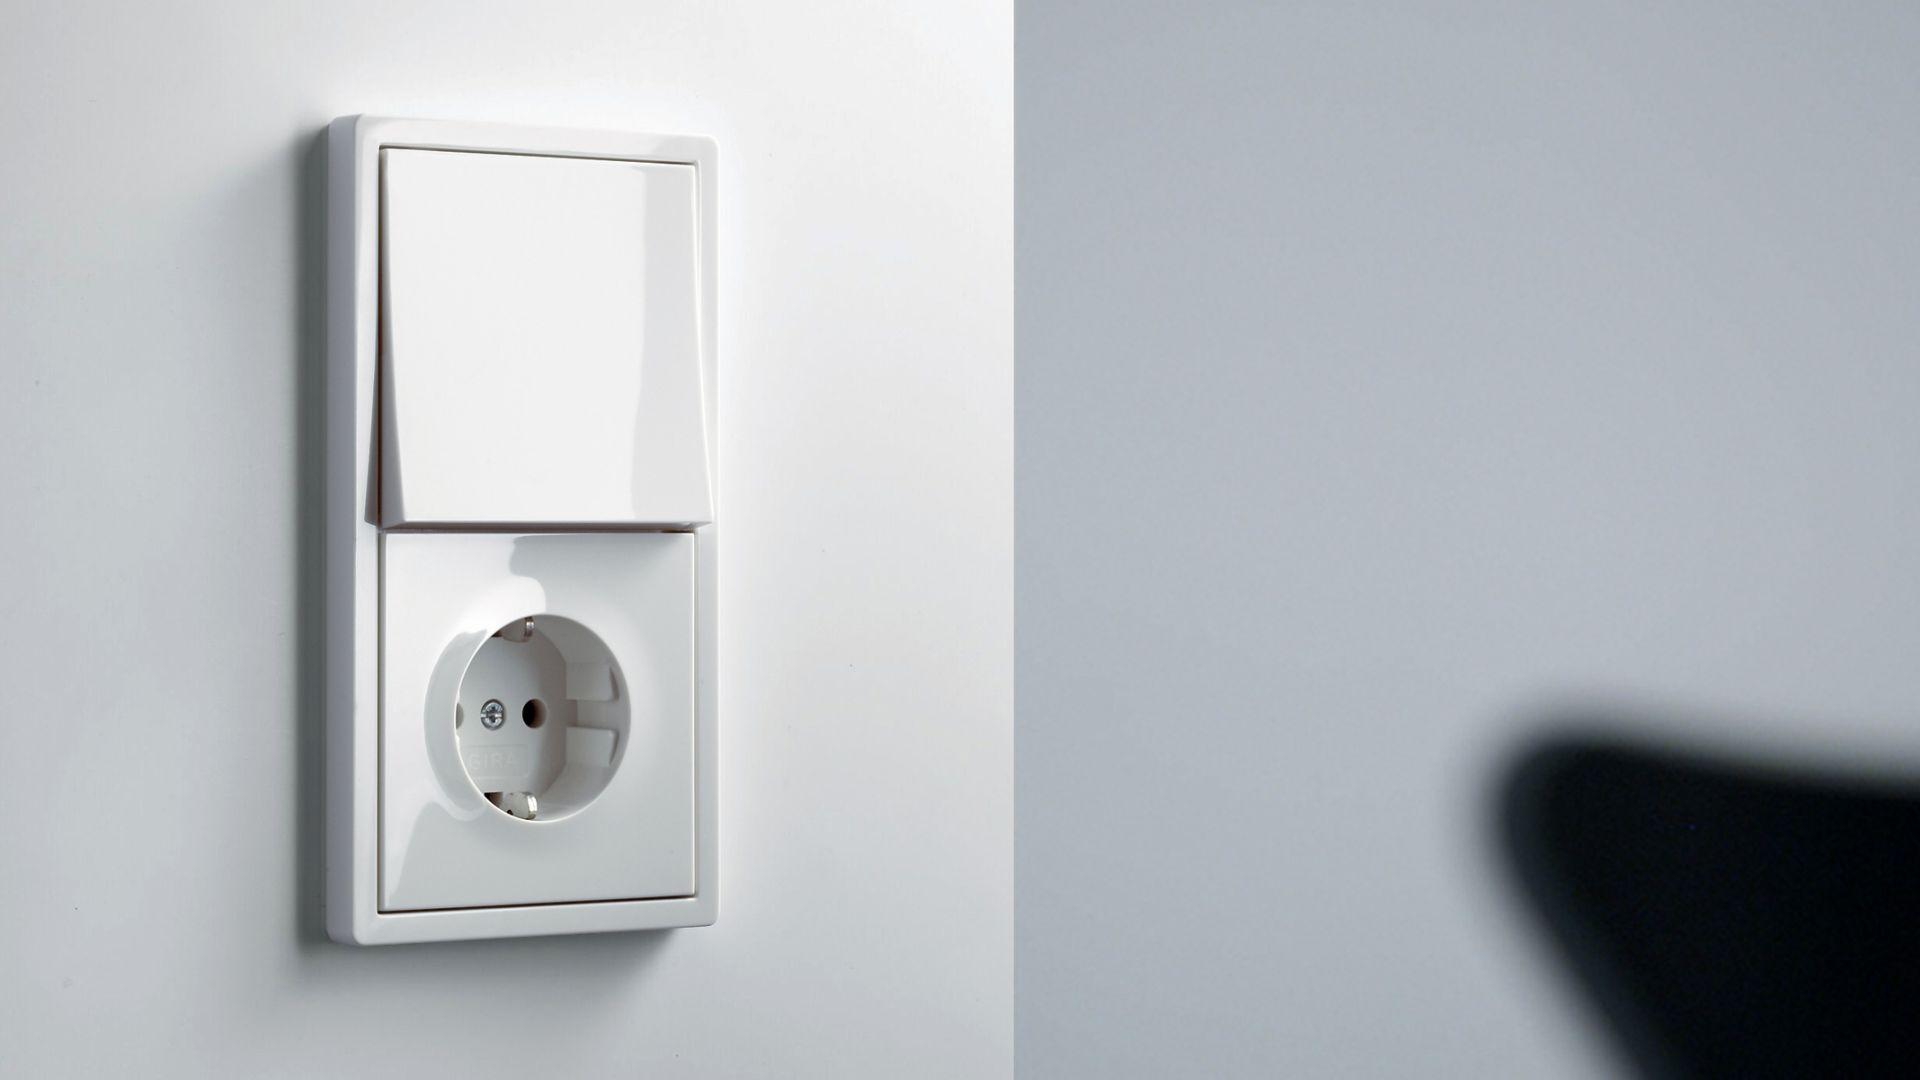 Новости Днепра про Электростандарт-центр предлагает большой выбор выключателей, розеток и другого электрического оборудования